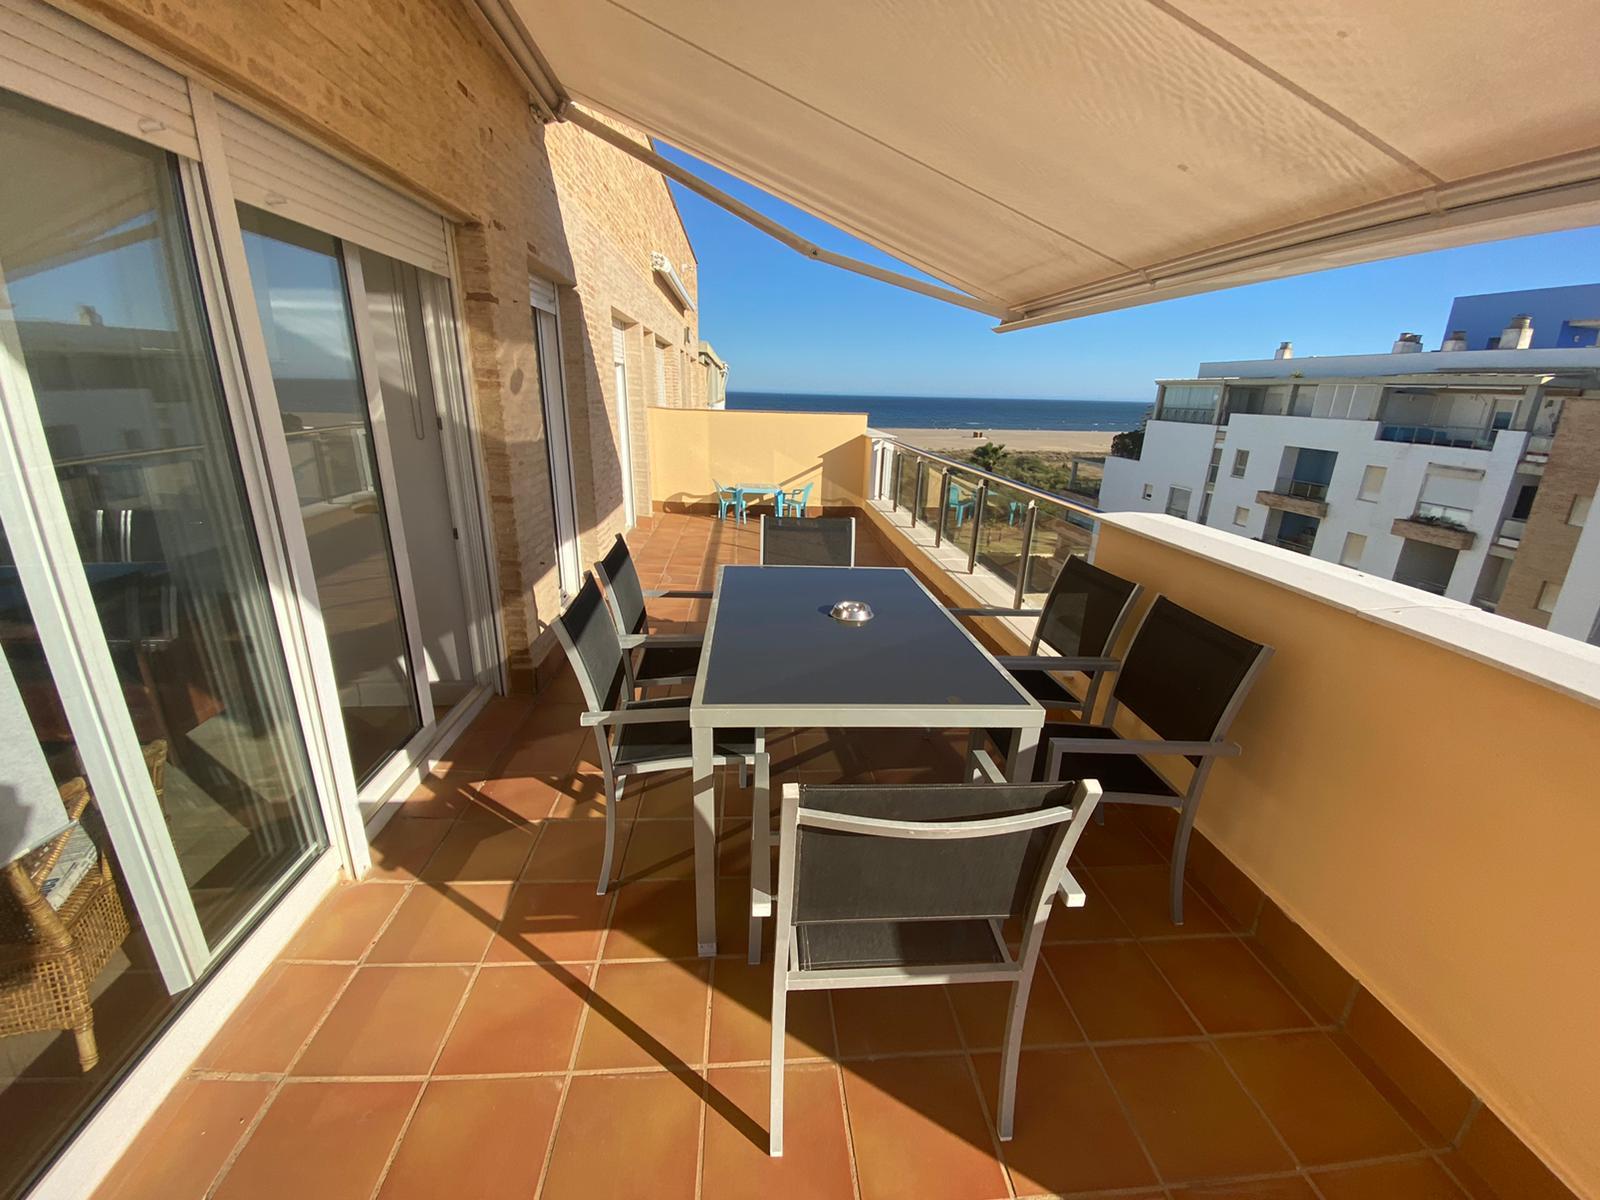 Imagen 38 del Apartamento Turístico, Ático 7 Levante (3d +2b), Punta del Moral (HUELVA), Paseo de la Cruz nº22